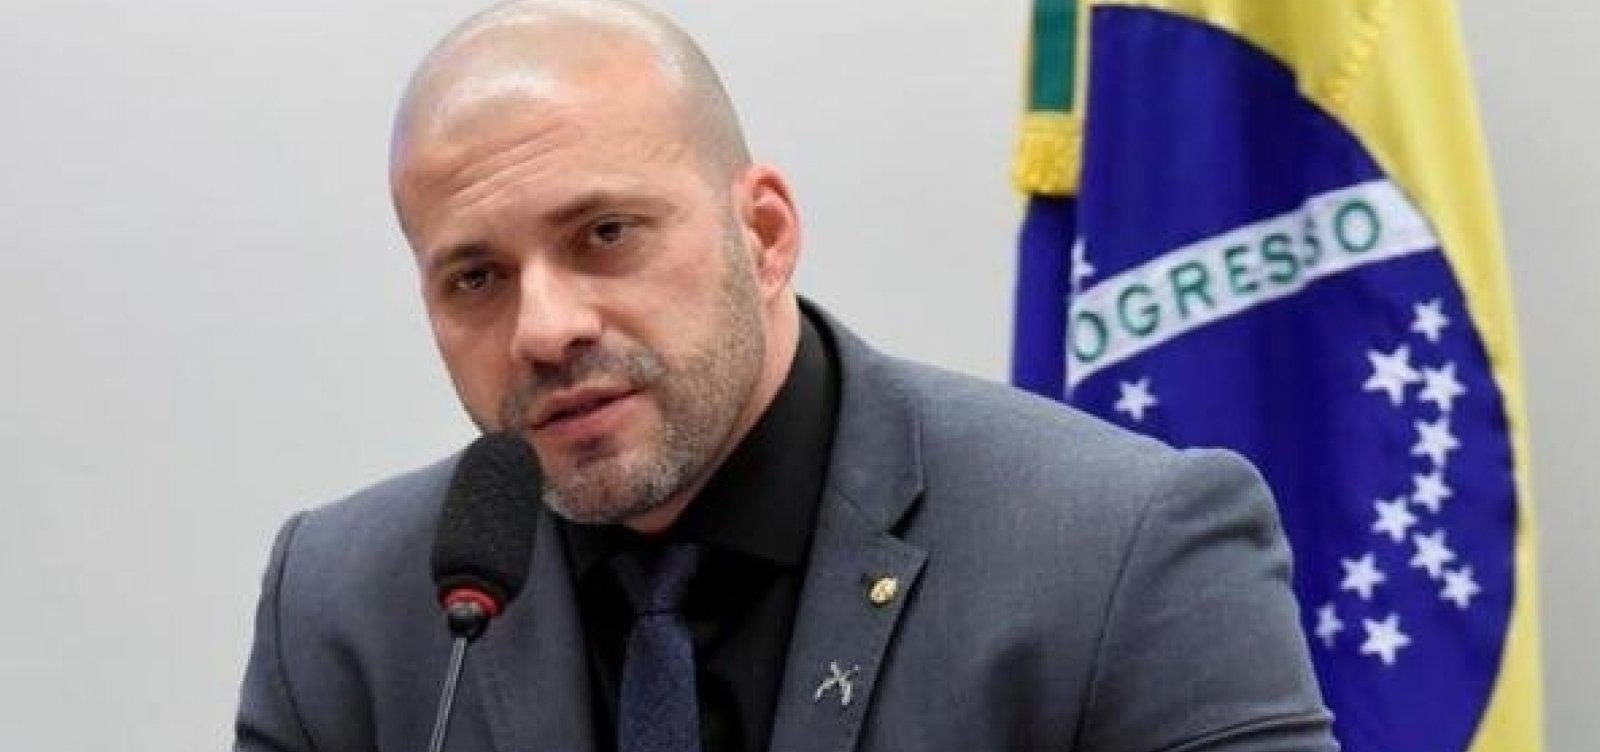 Conselho de Ética instaura processo disciplinar que pode levar à cassação de Daniel Silveira